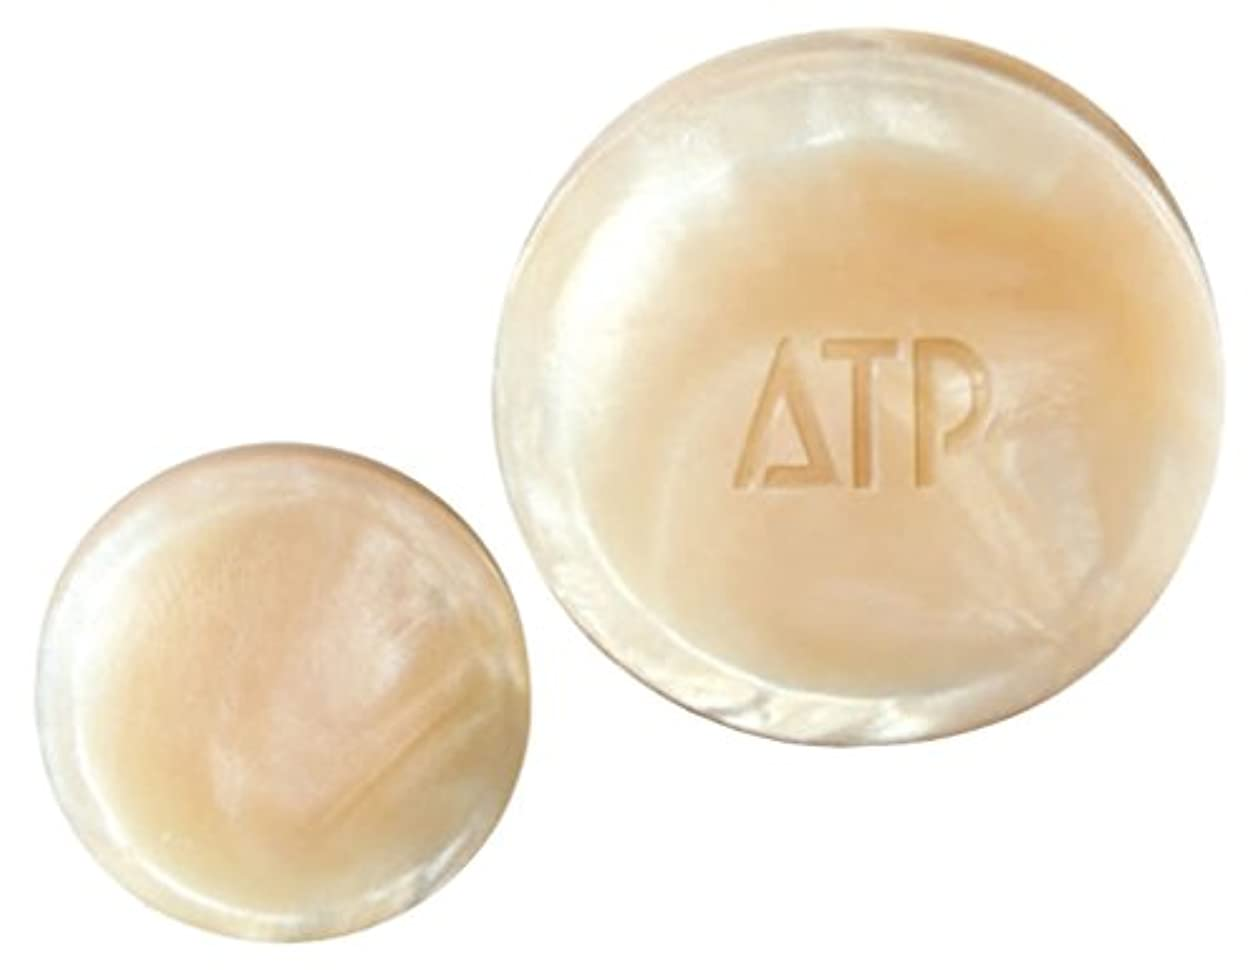 導出ステンレス練習薬用ATP デリケアソープ 30g (全身用洗浄石けん?枠練り) [医薬部外品]